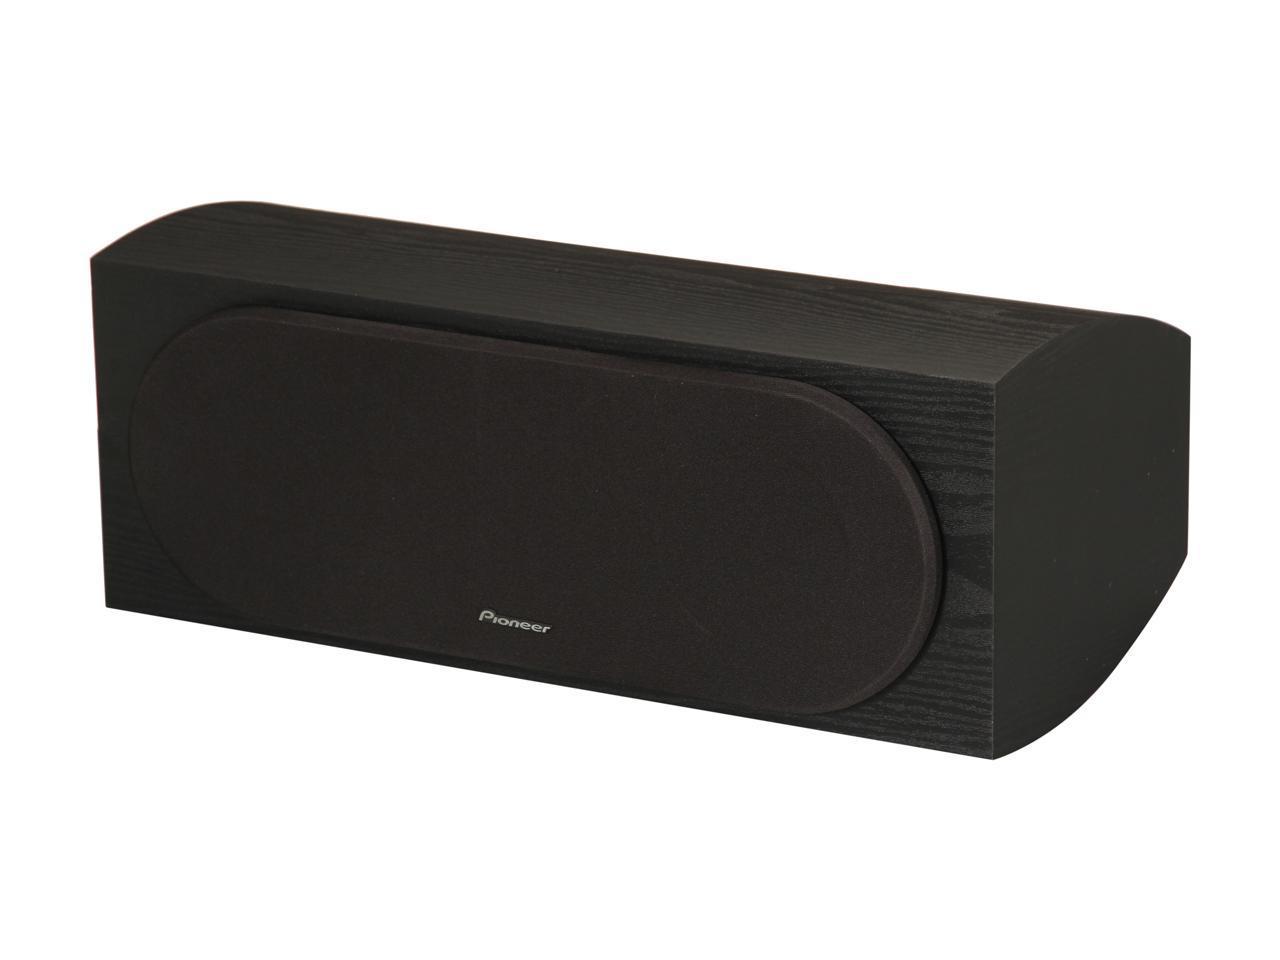 Pioneer Andrew Jones SP-BS22-LR Bookshelf Speakers $99 + $30 GC, Center Channel SP-C22 $79 + $20 GC, Floor Standing SP-FS52 $99 + $20 GC